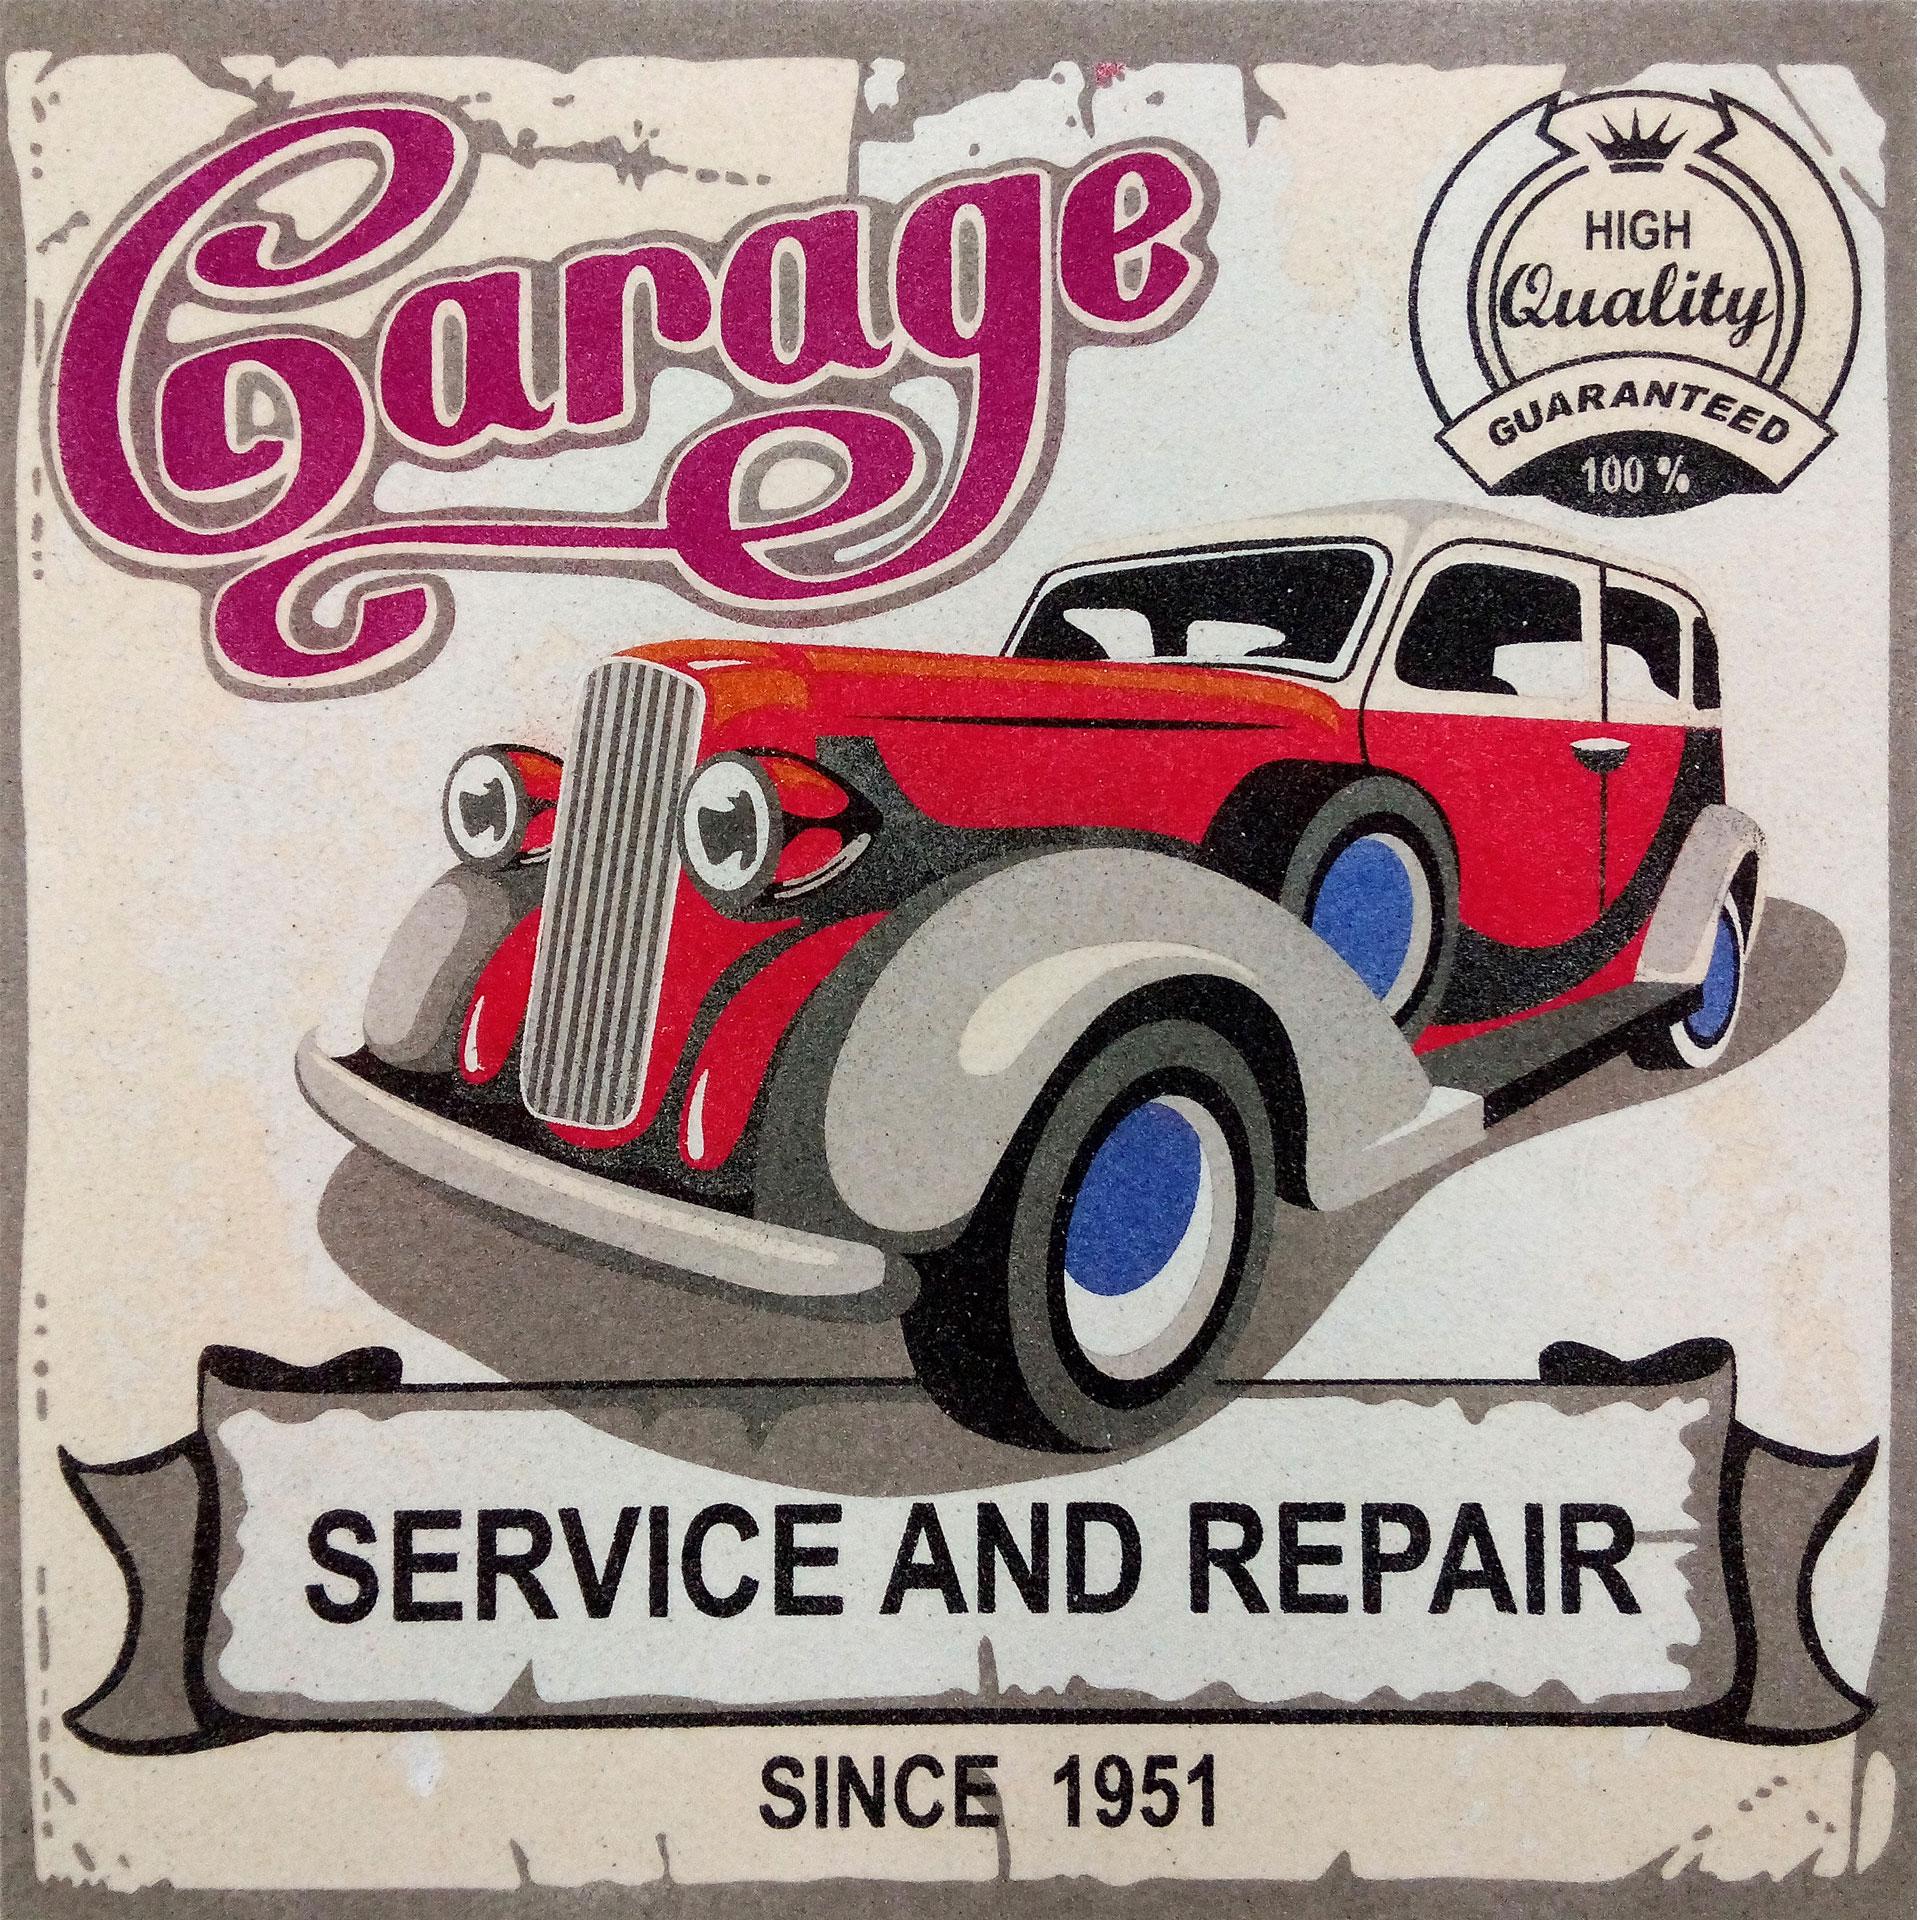 Garage Since 1951. 2 medidas disponibles